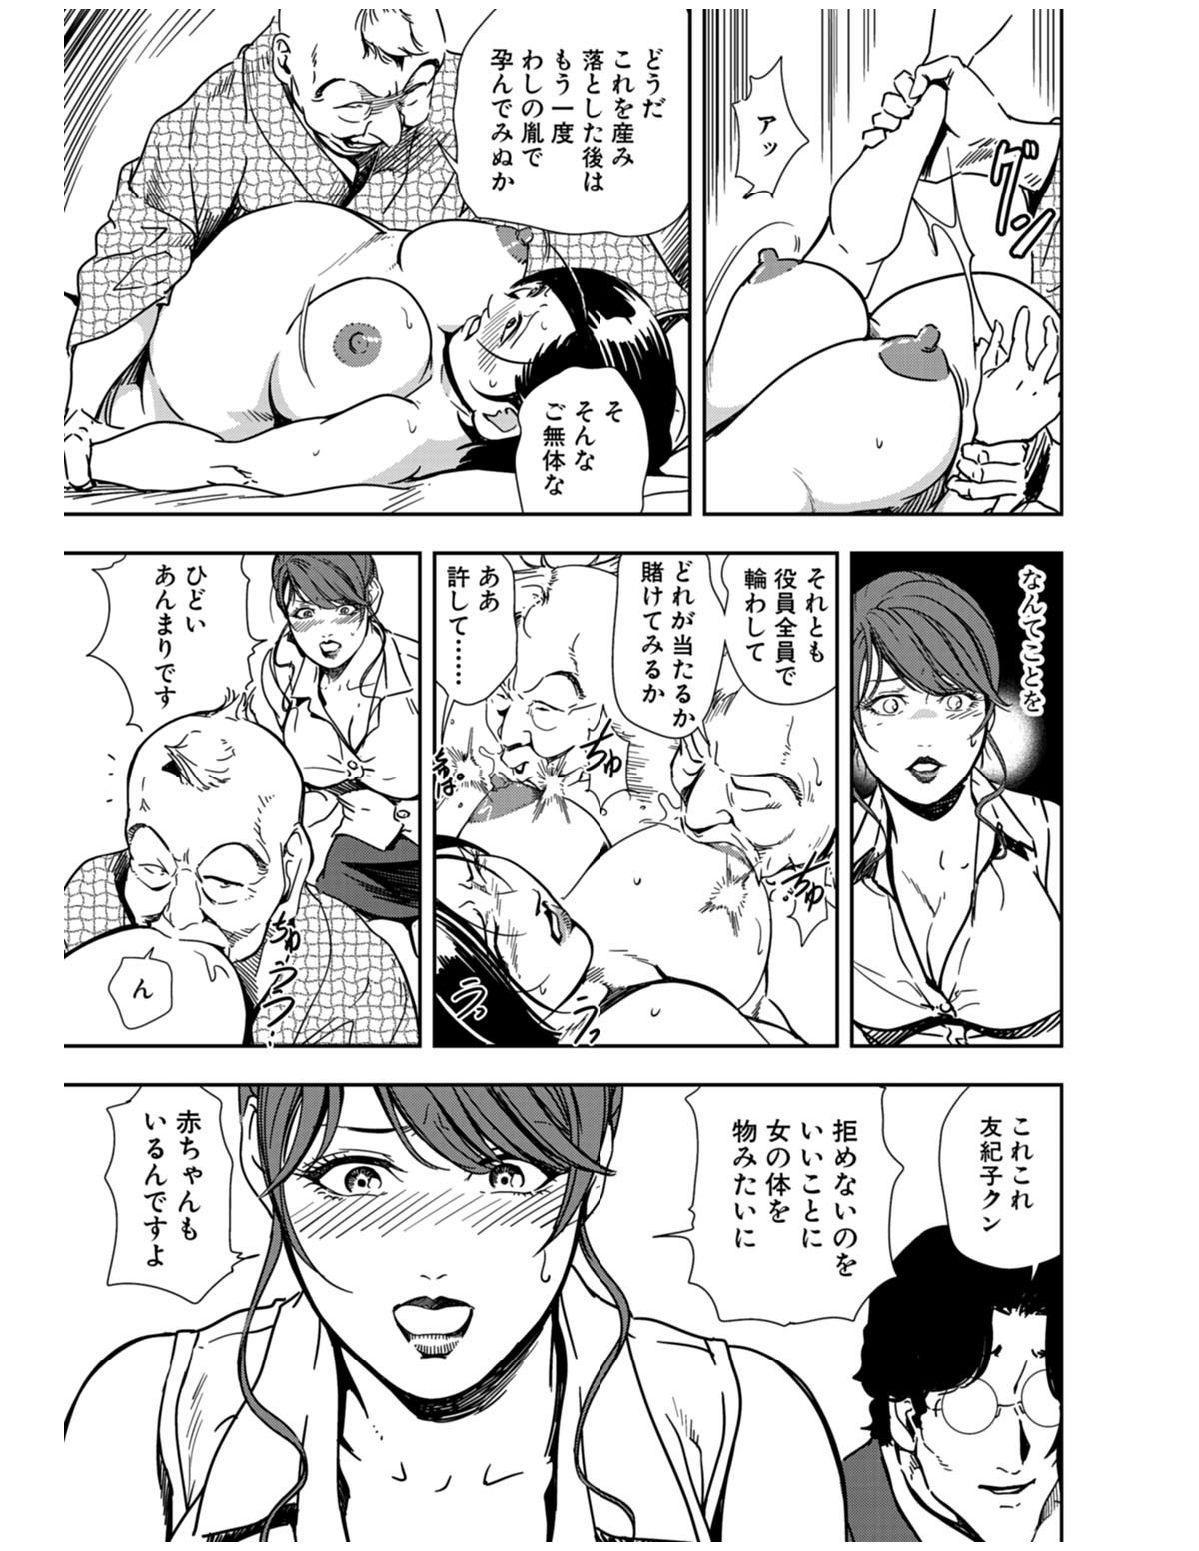 Nikuhisyo Yukiko 21 110